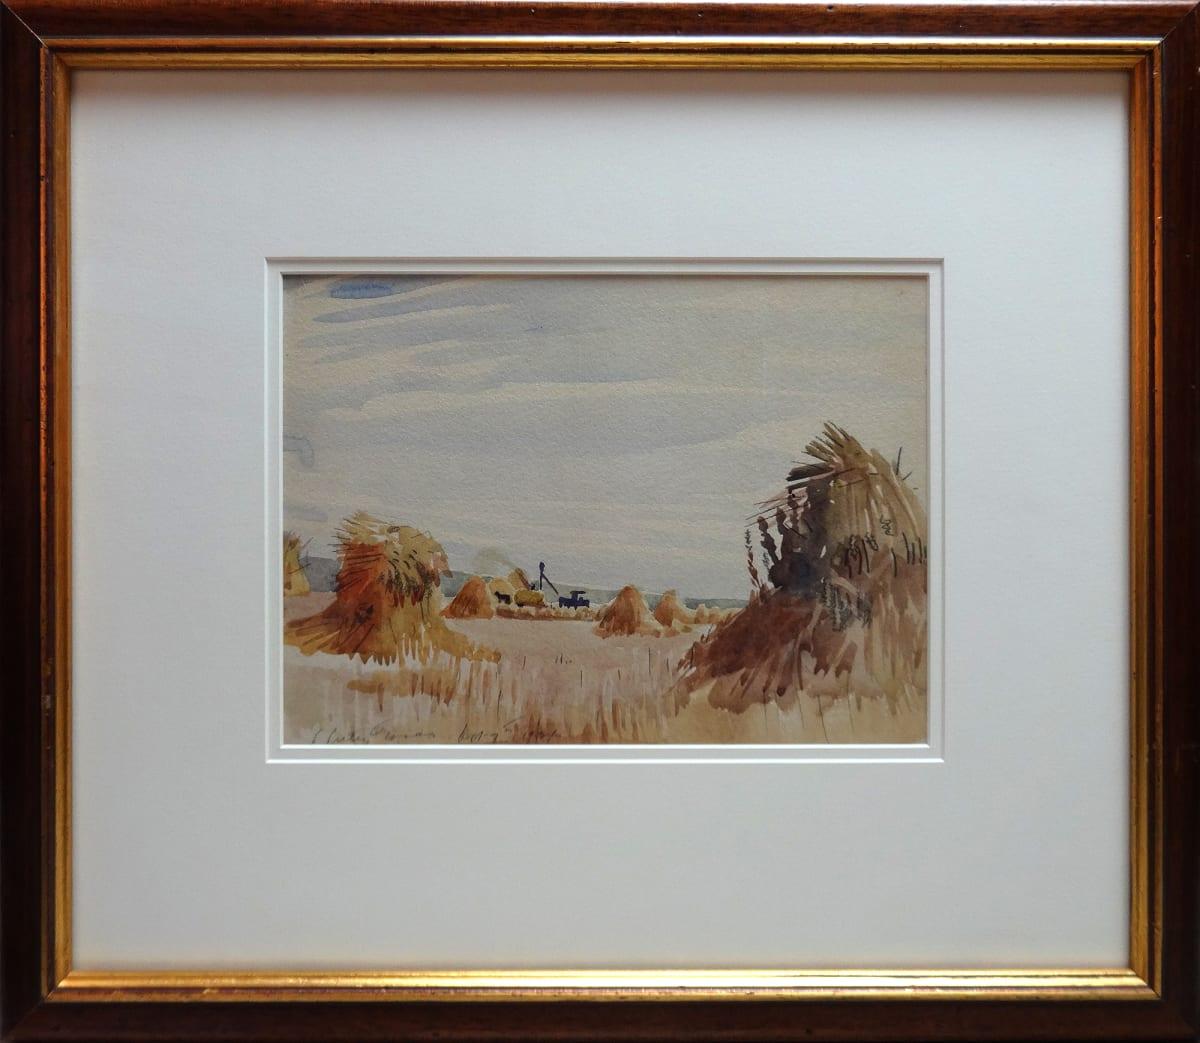 2994 - Haystacks by Llewellyn Petley-Jones (1908-1986)